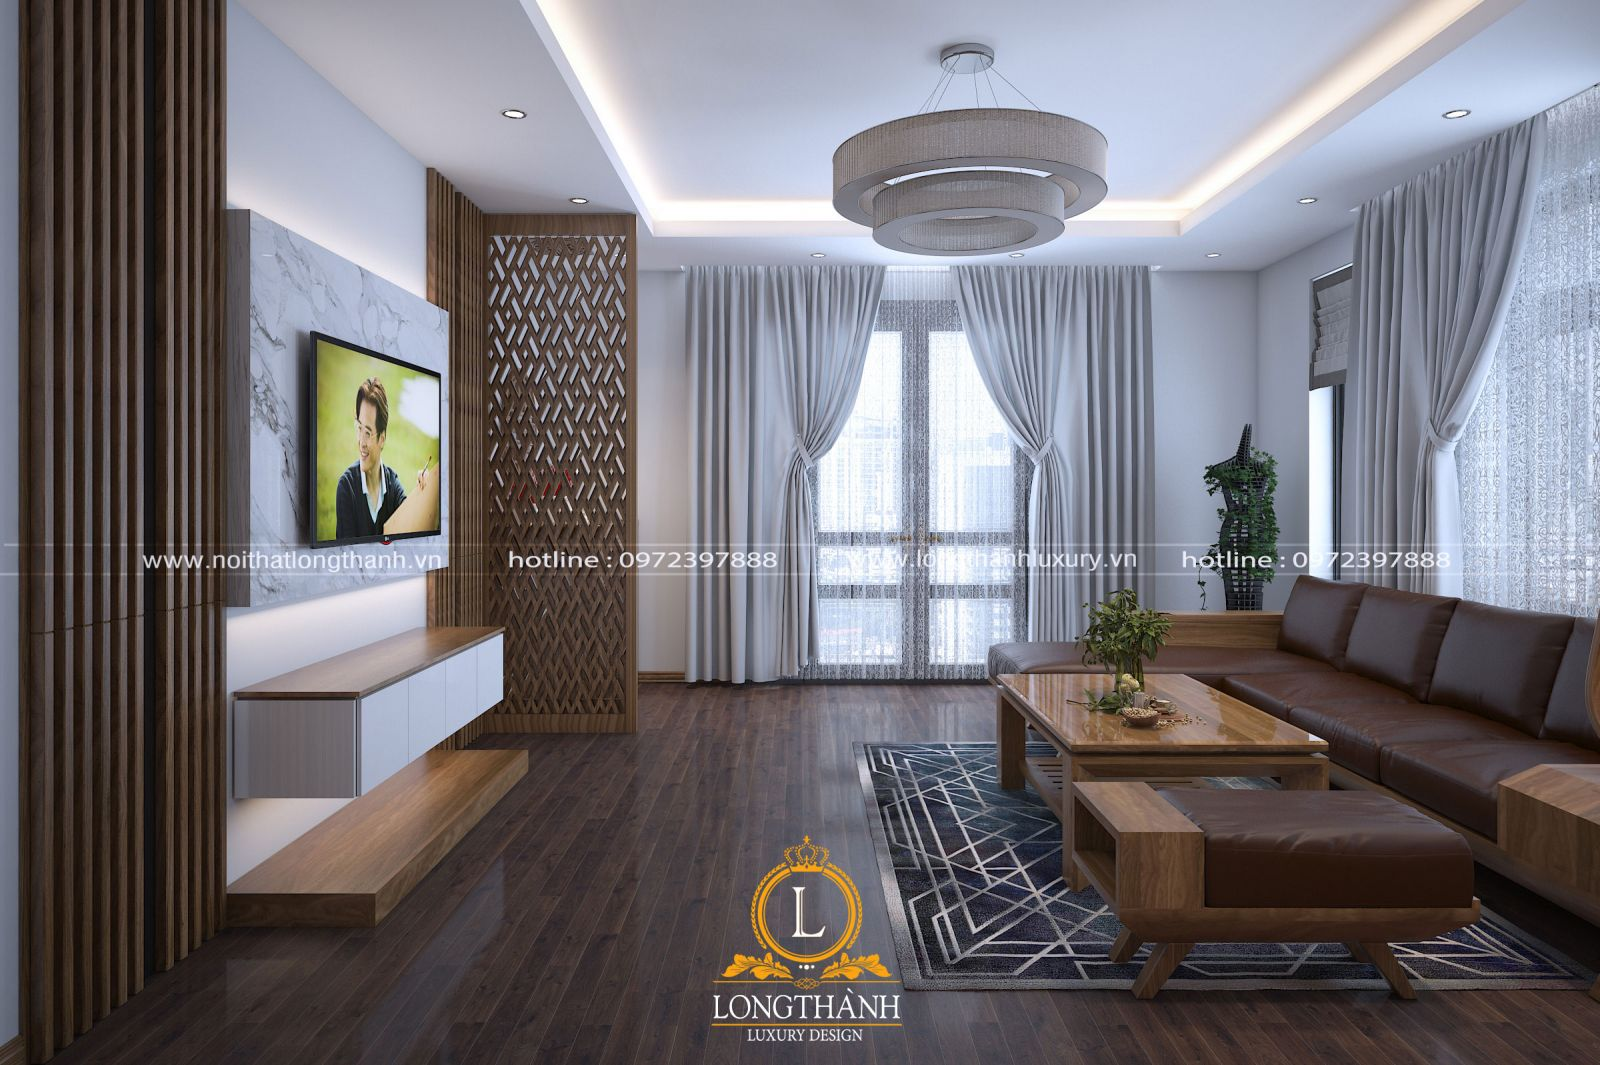 Bày trí không gian phòng khách chung cư hướng đến sự cân bằng